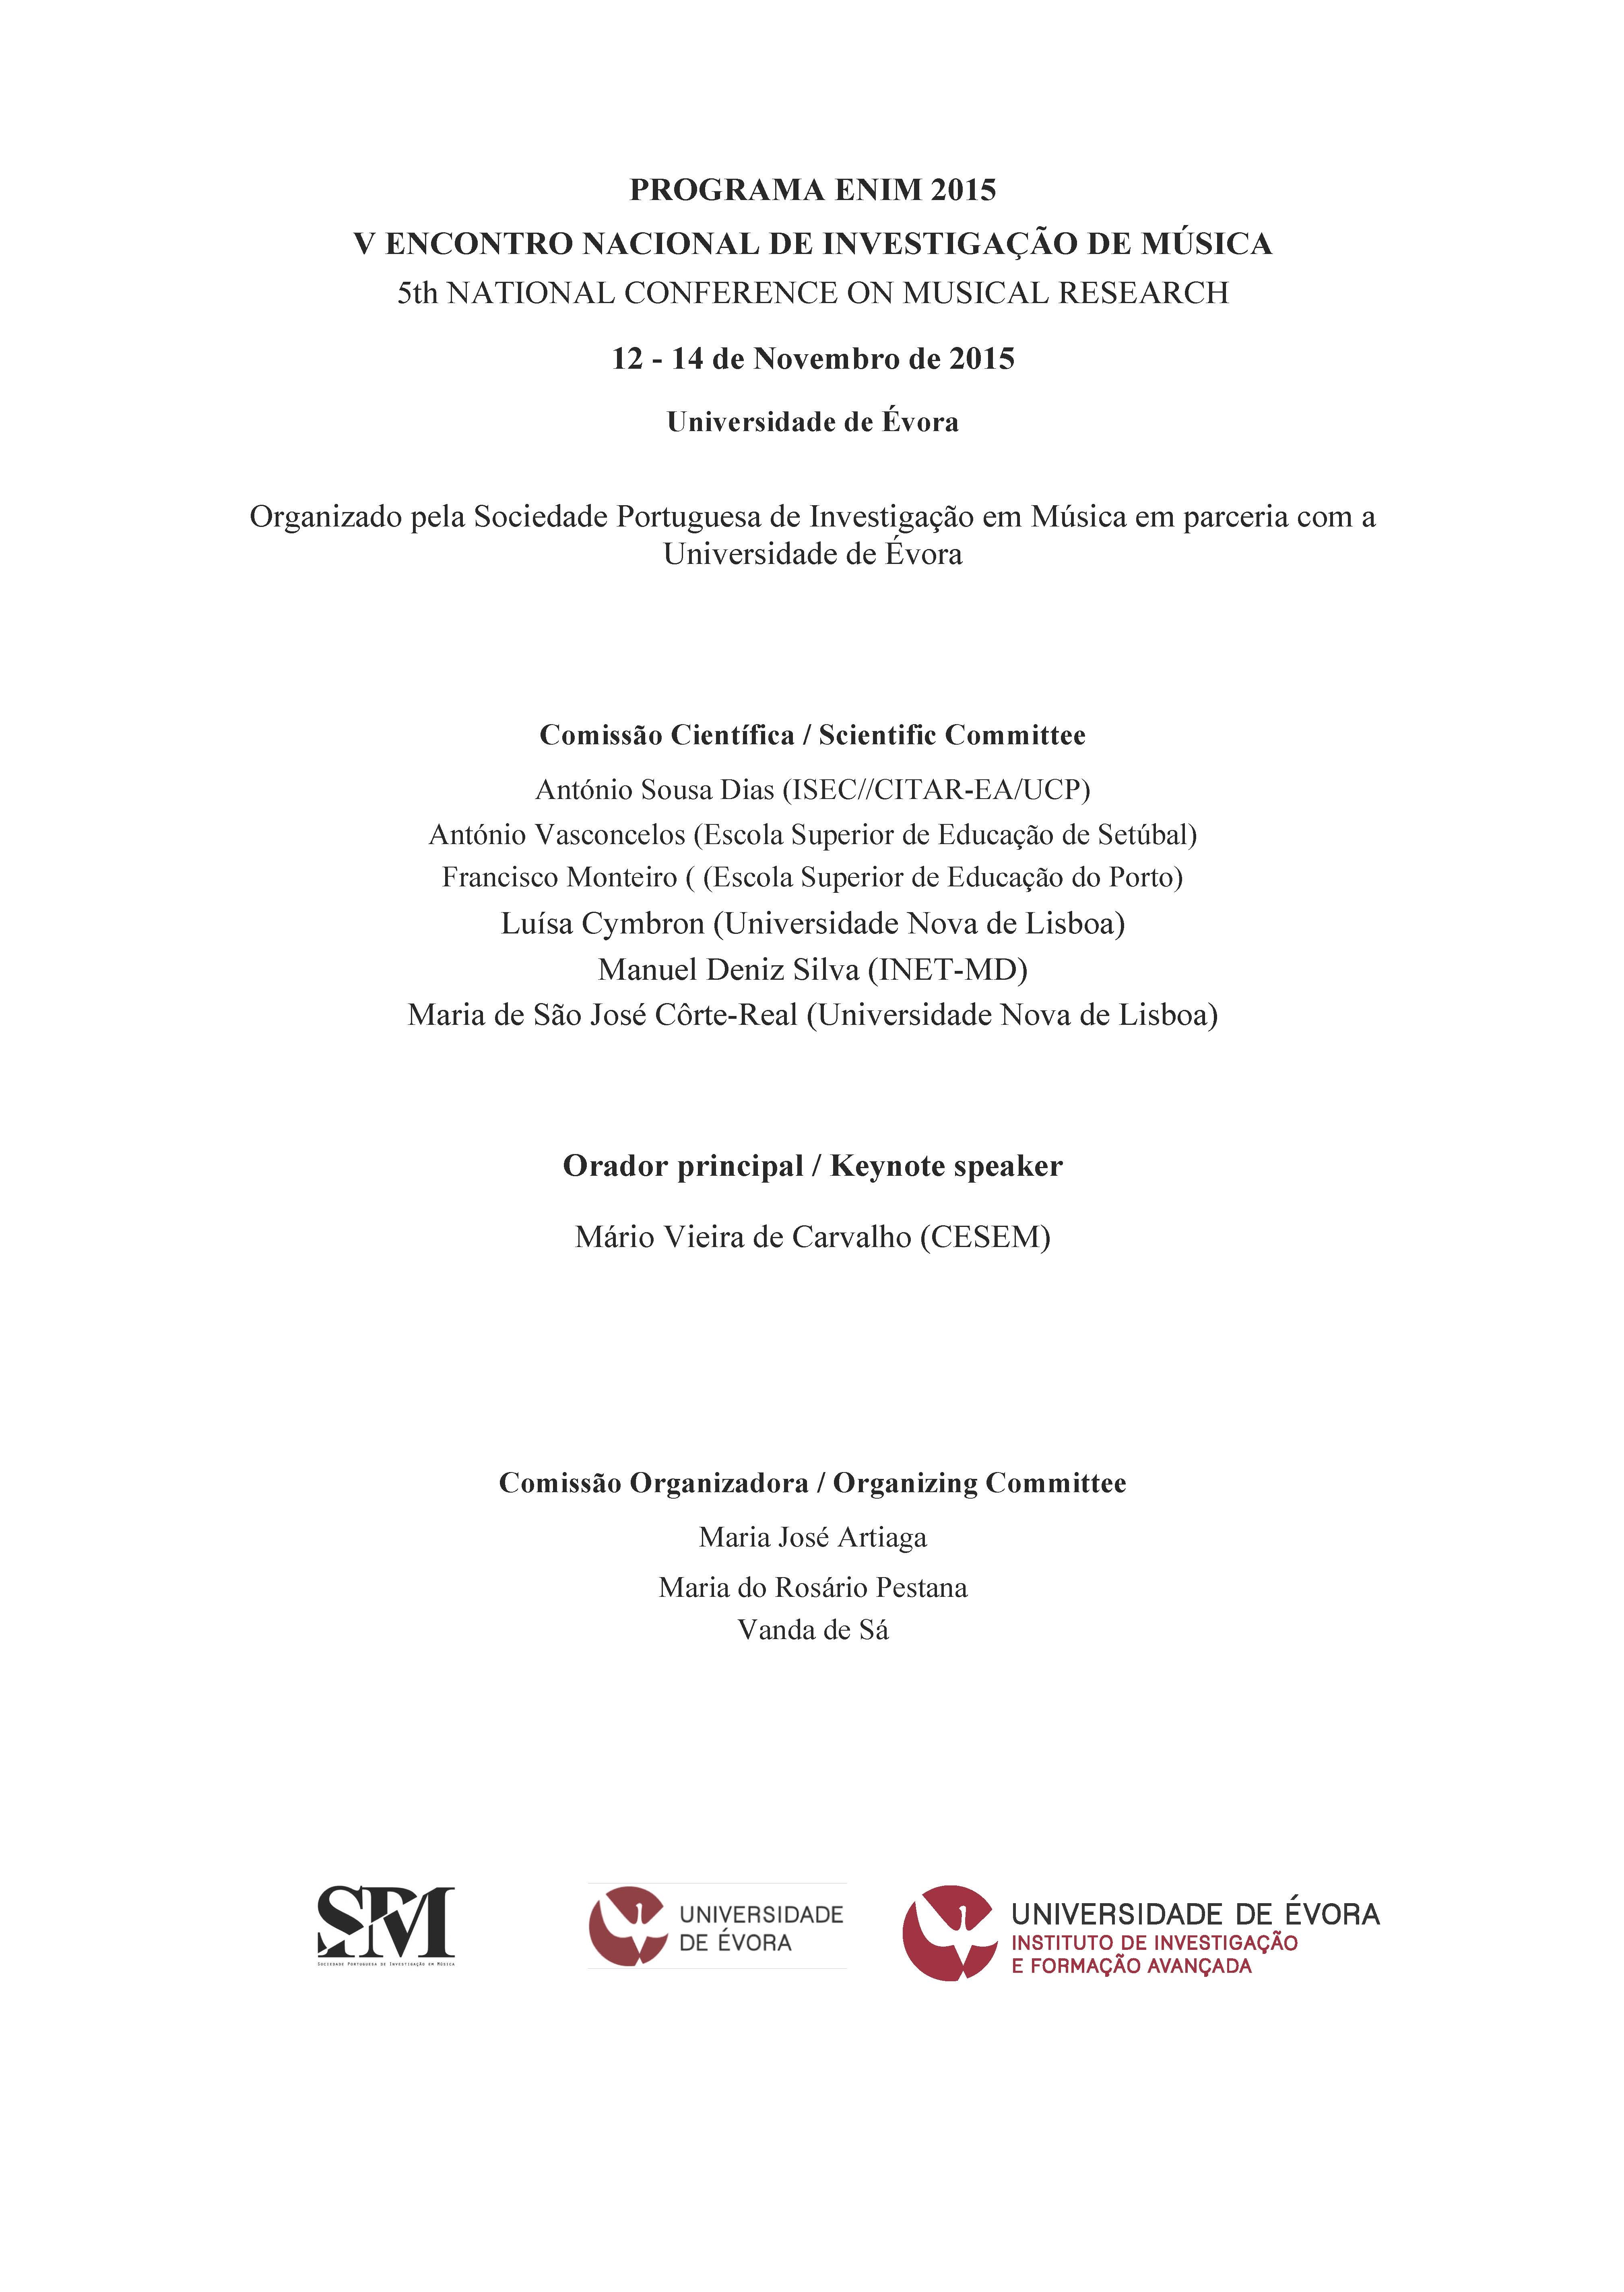 ENIM Programa 2015 - 1ª página